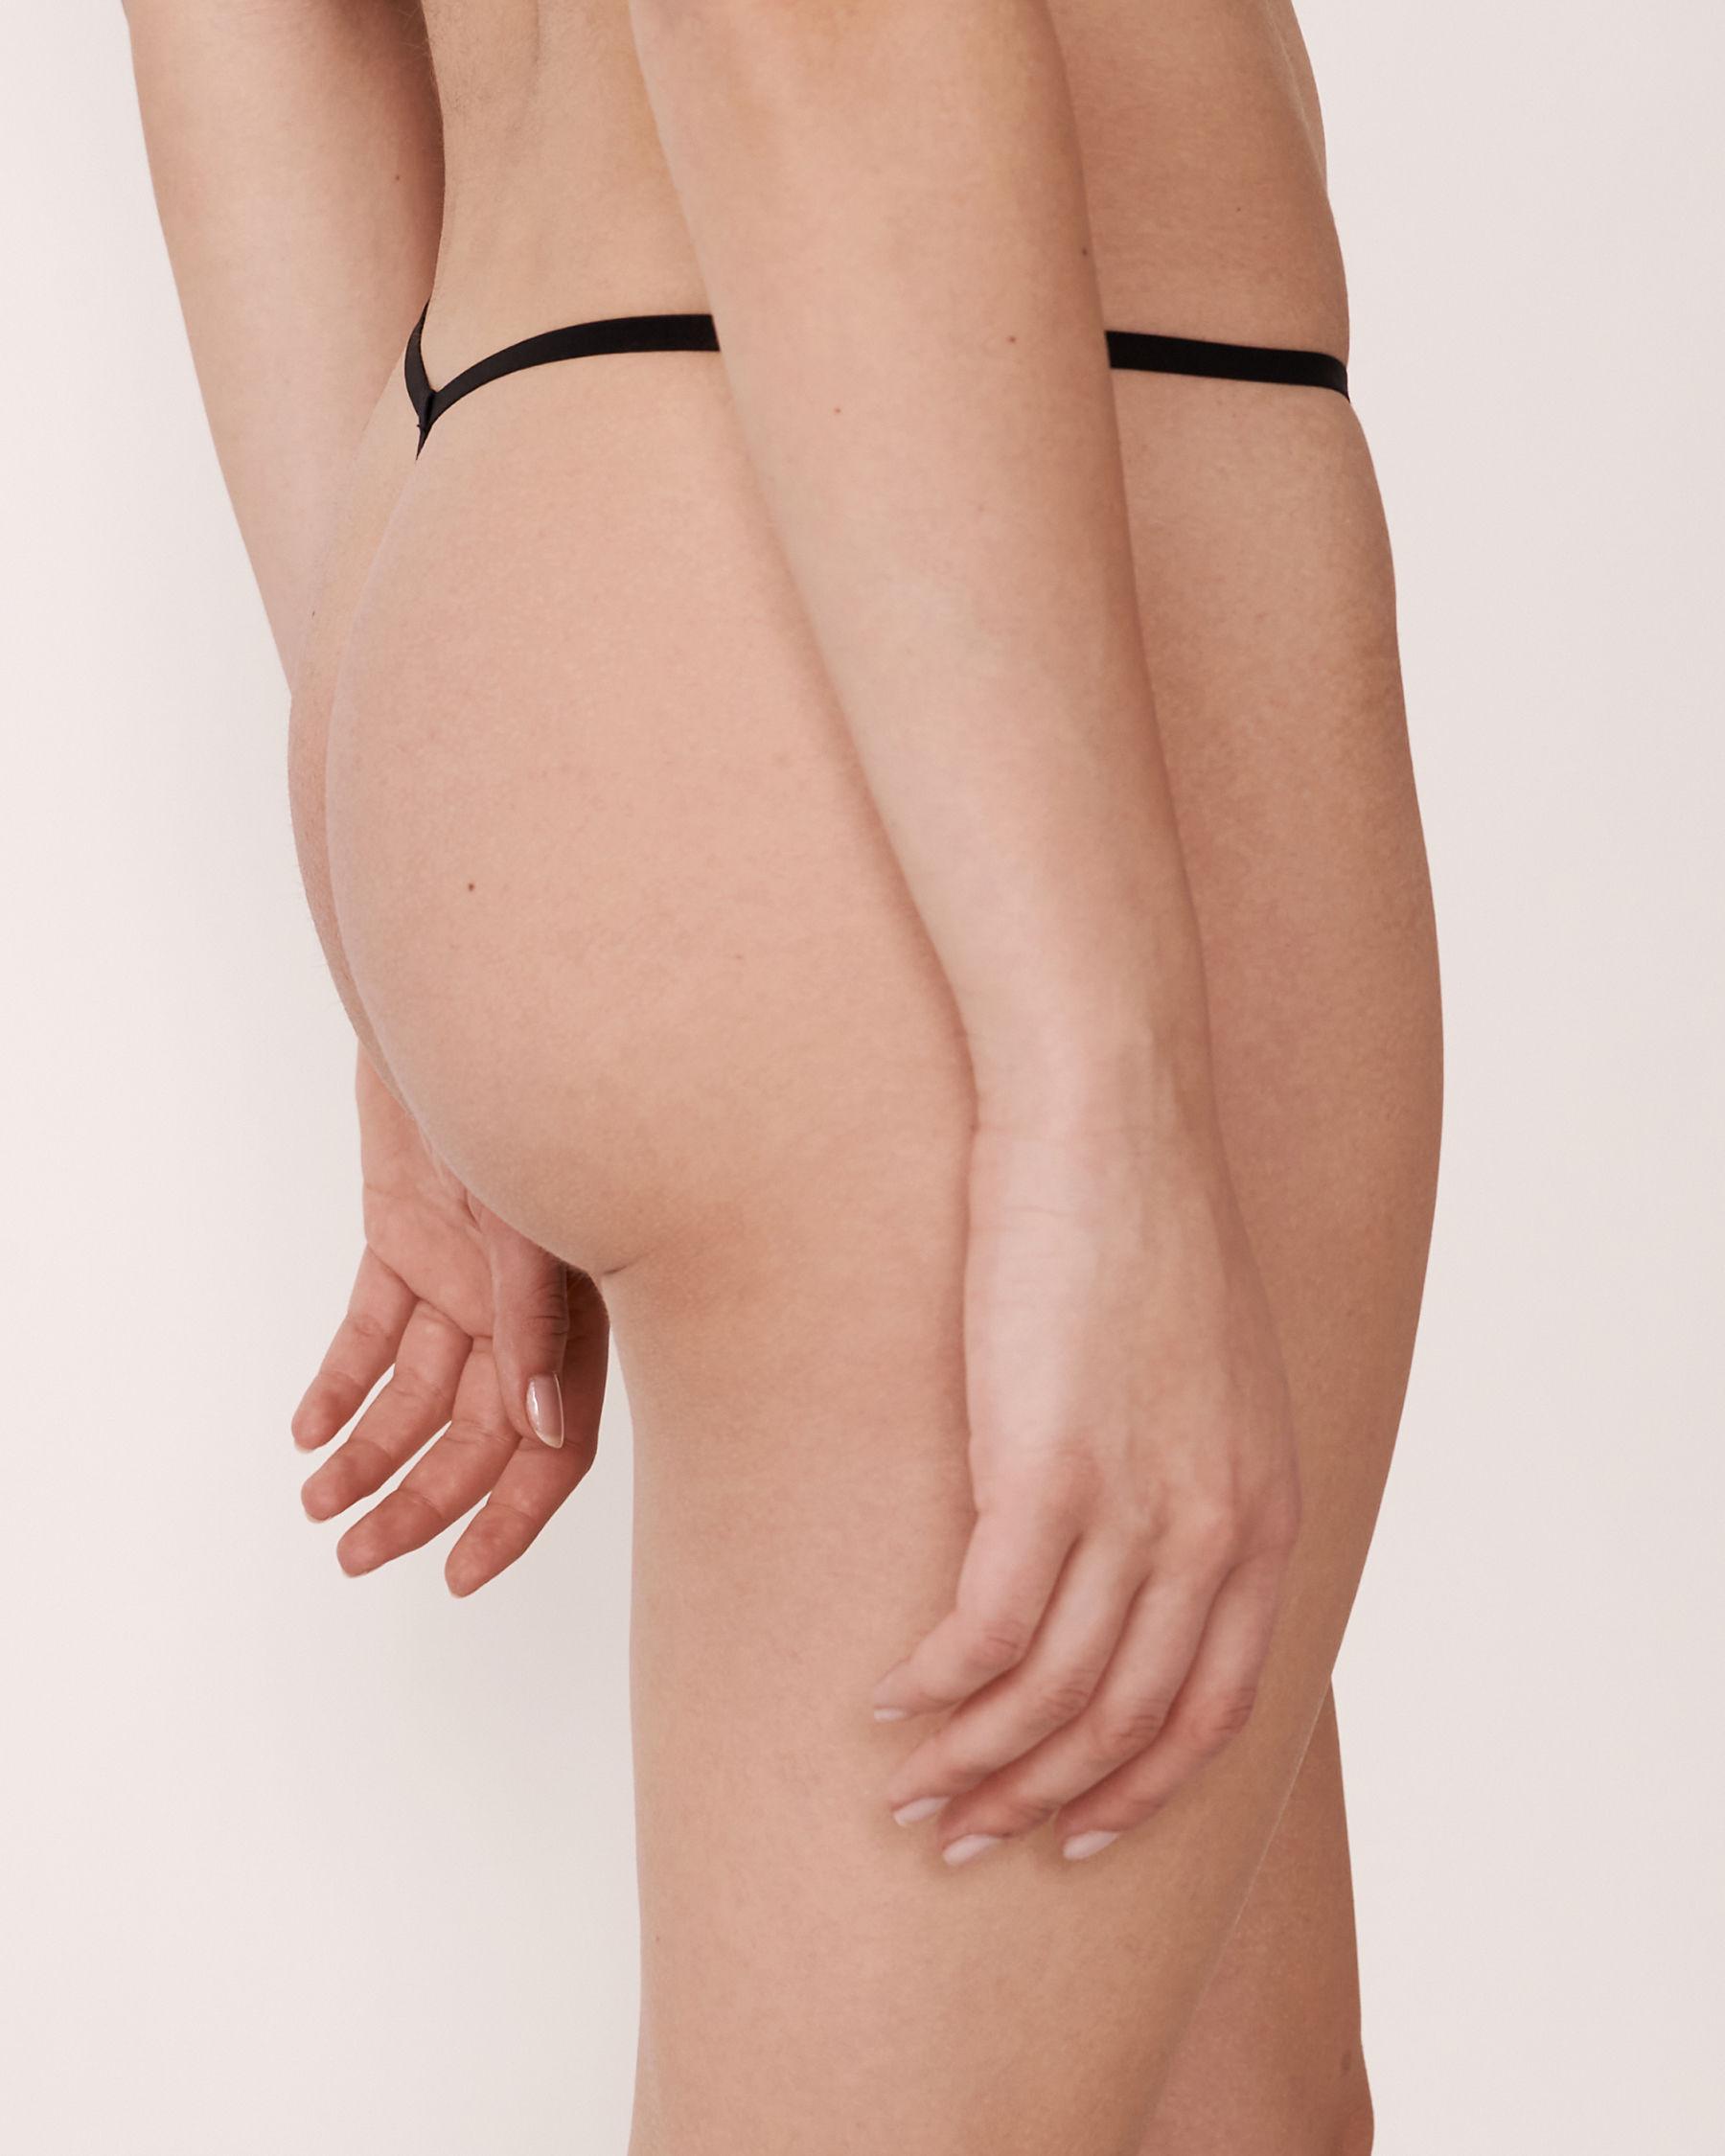 LA VIE EN ROSE Culotte string Noir 20200034 - Voir2